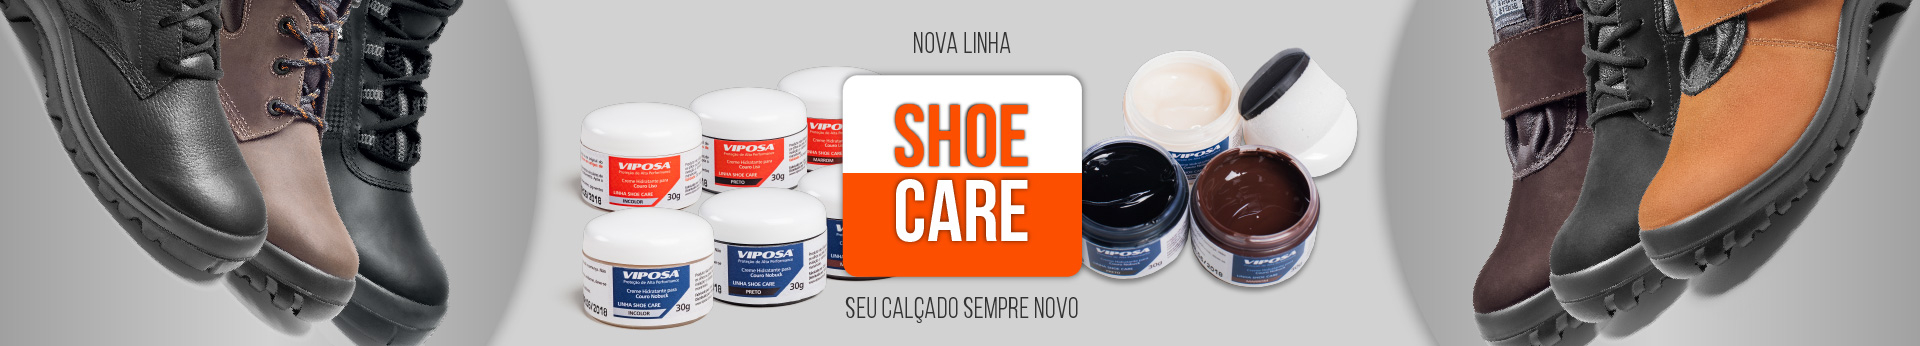 Shoe Care 01